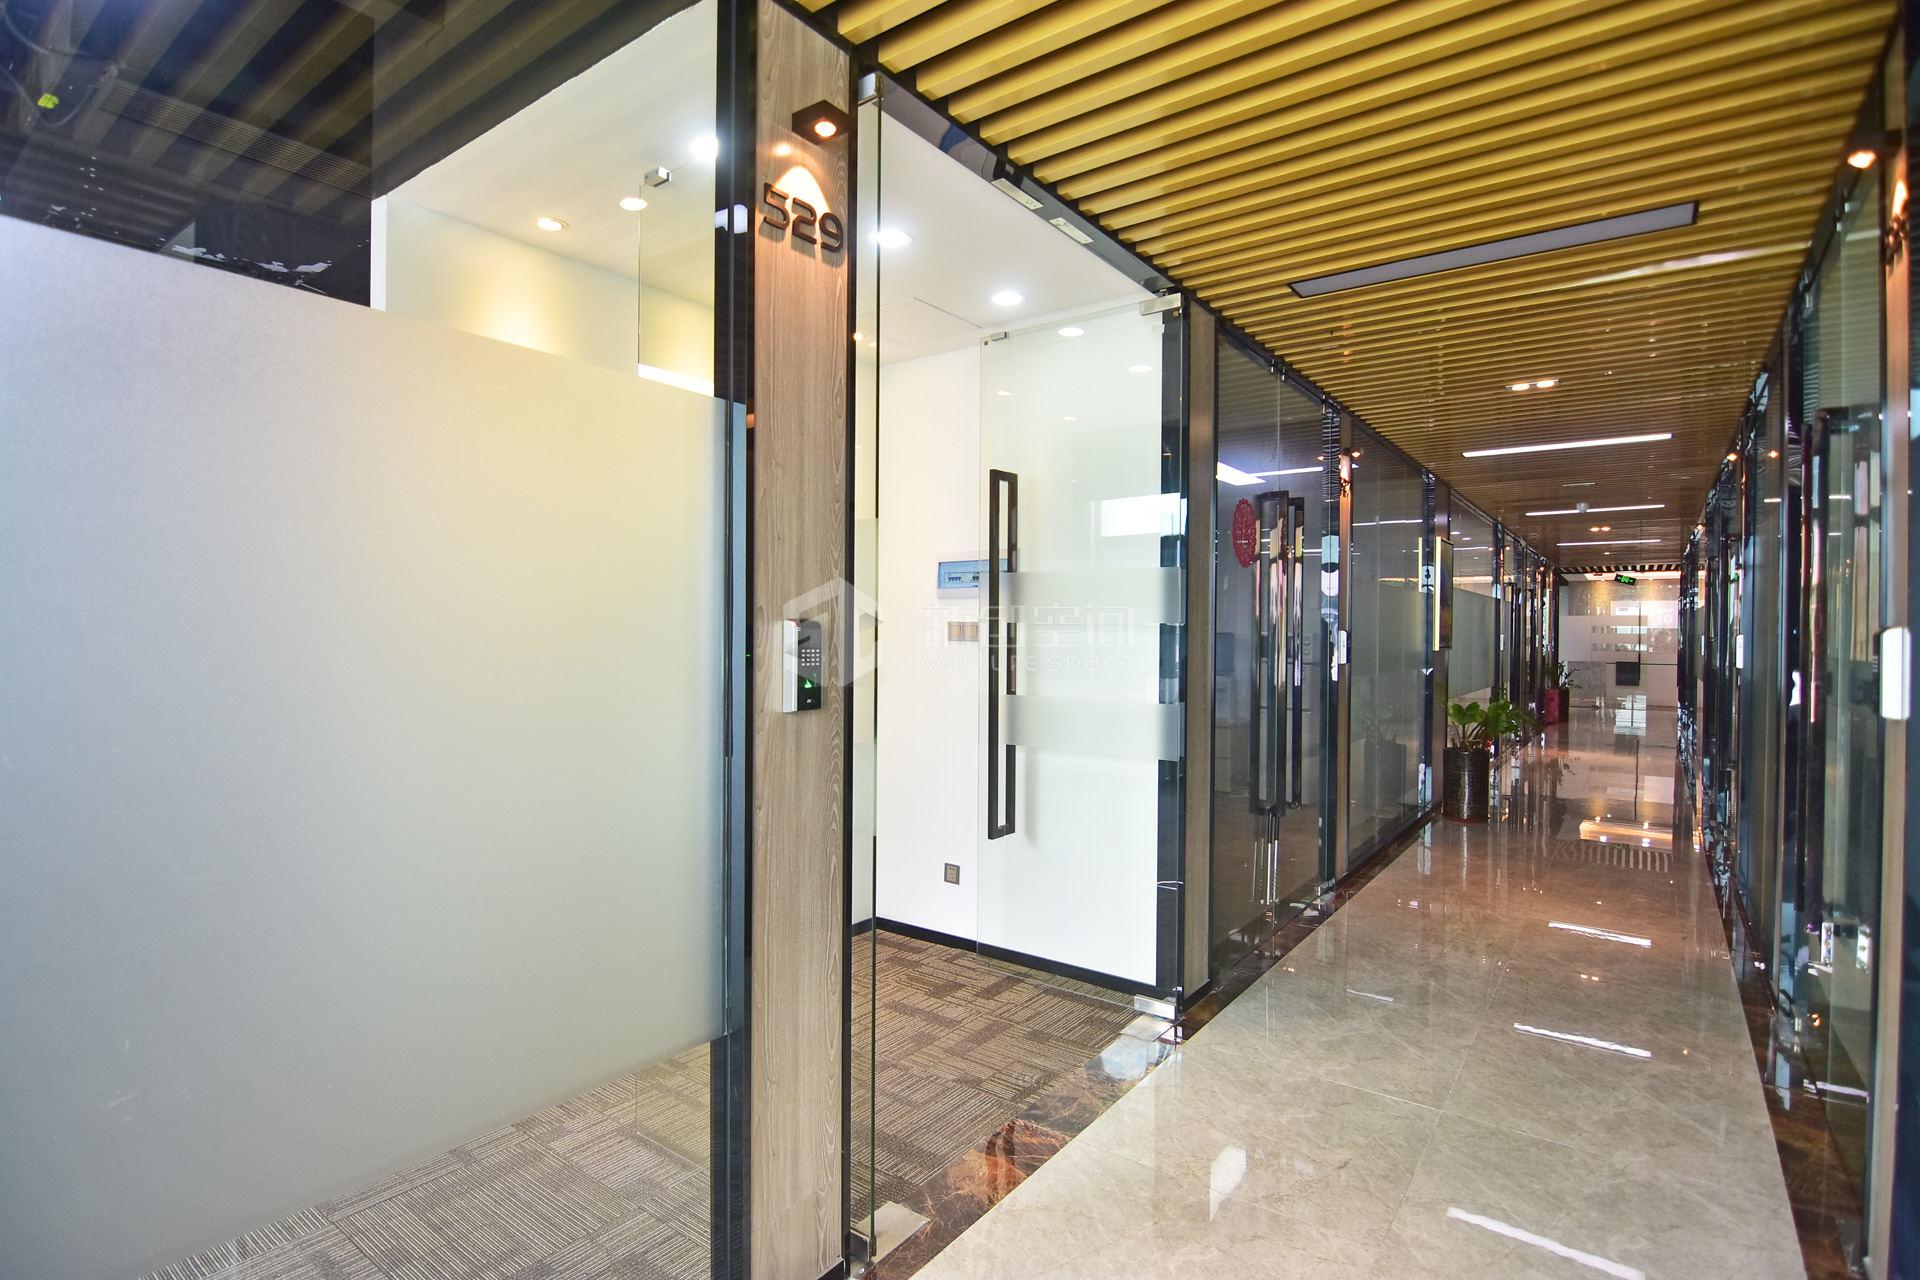 深圳虚拟大学园120㎡精装办公室出租7800元/月